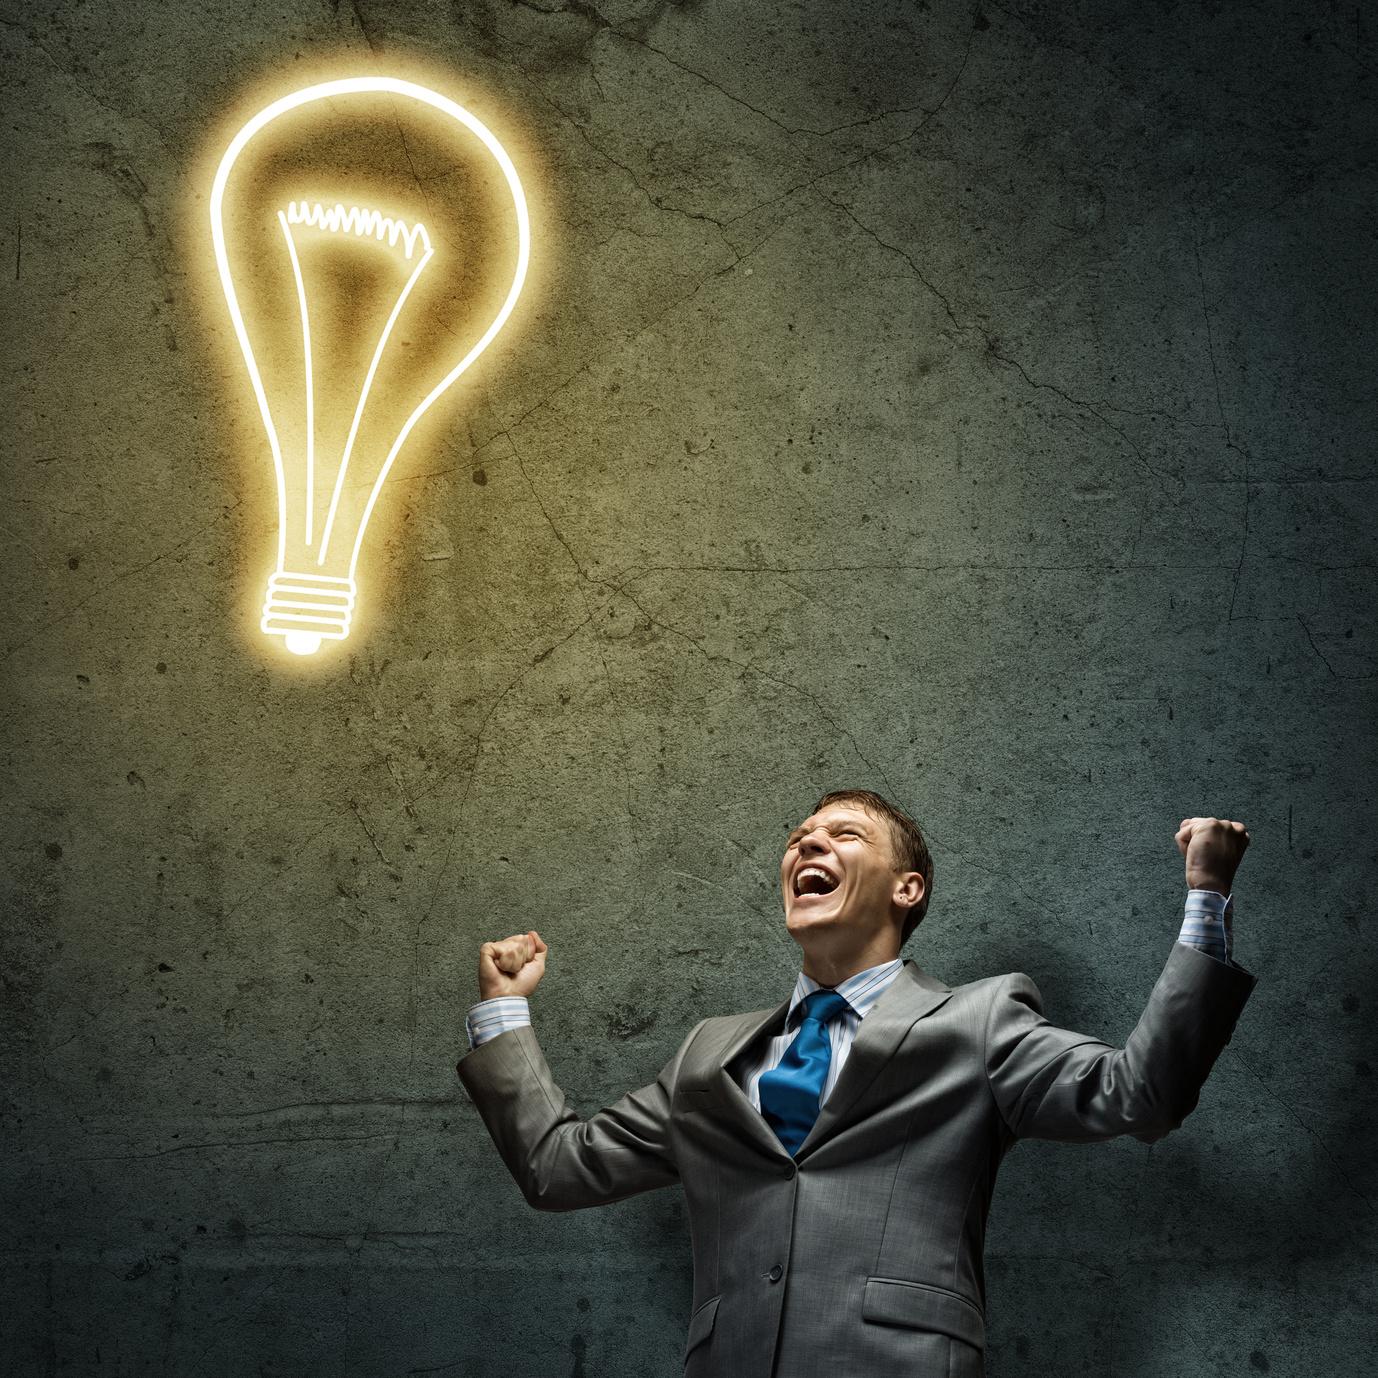 Накартинках идеи рисуют как лампочки, но вжизни внезапные открытия случаются довольно редко.